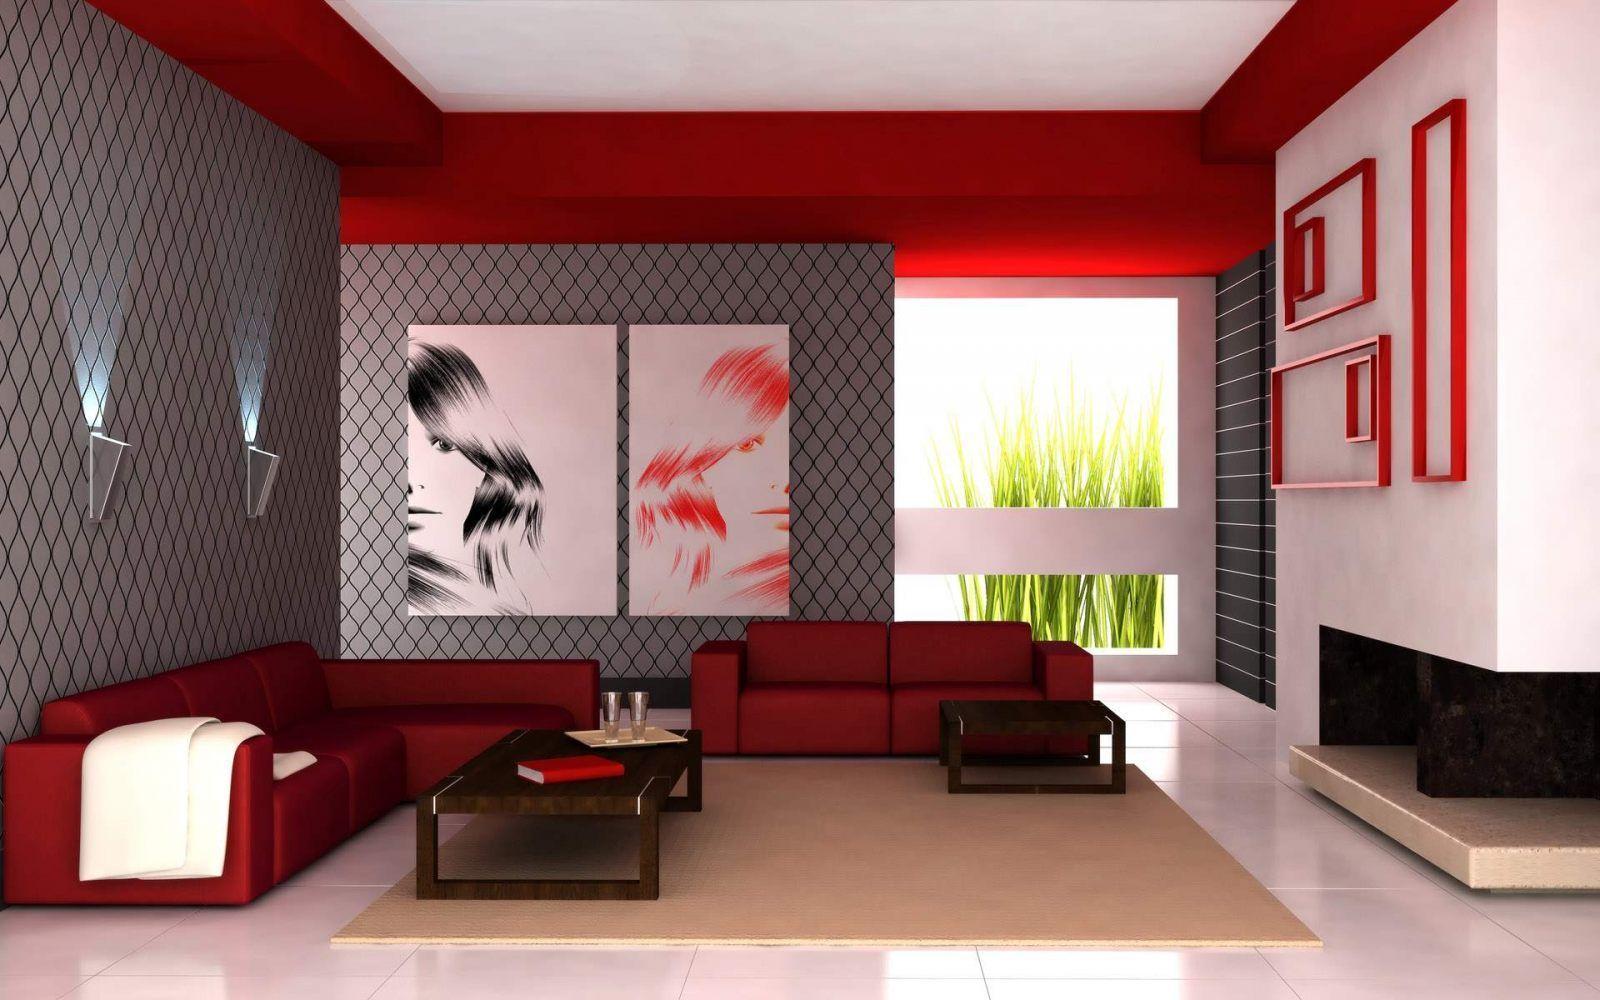 sala-moderna-3